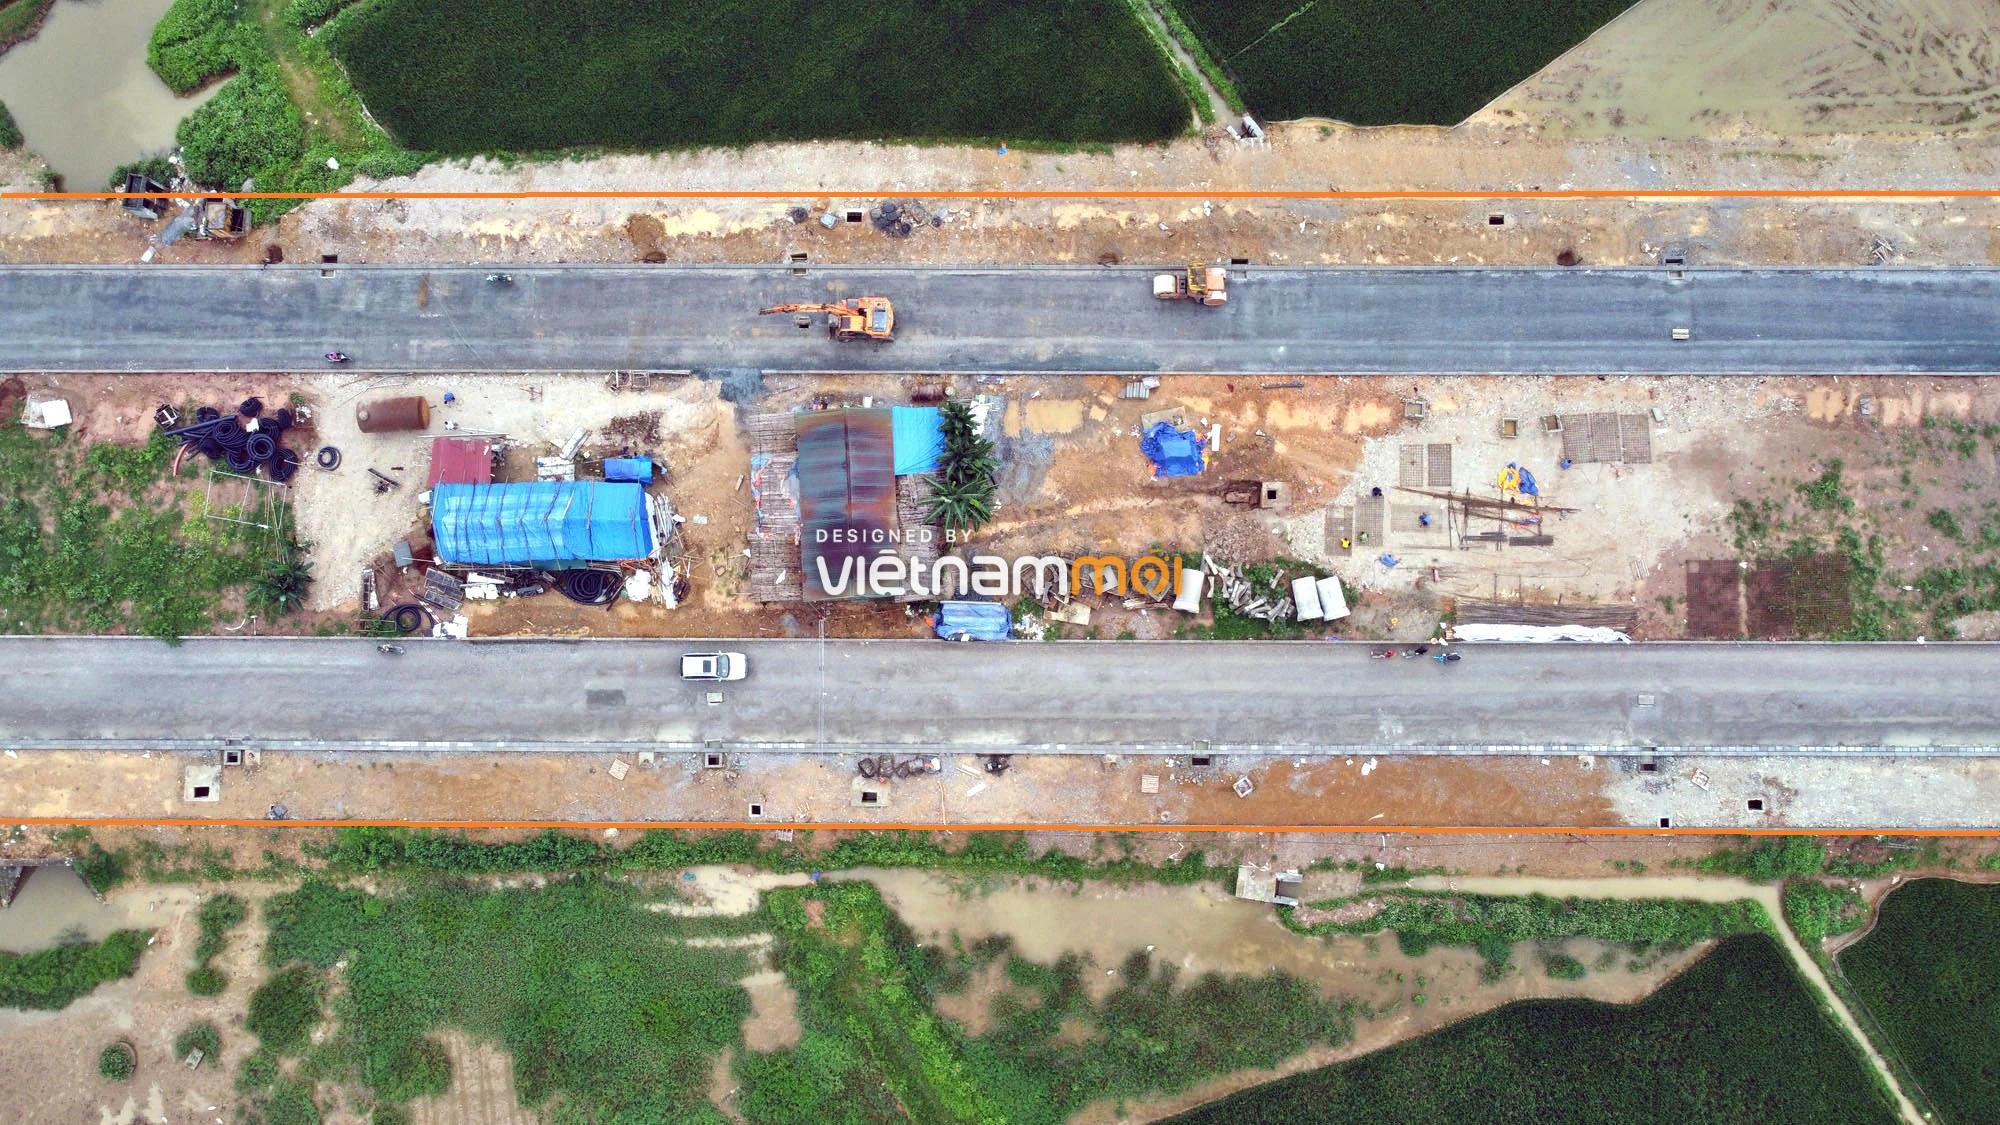 Toàn cảnh đường trục chính Bắc - Nam KĐT Quốc Oai kéo dài đang mở theo quy hoạch ở Hà Nội - Ảnh 6.